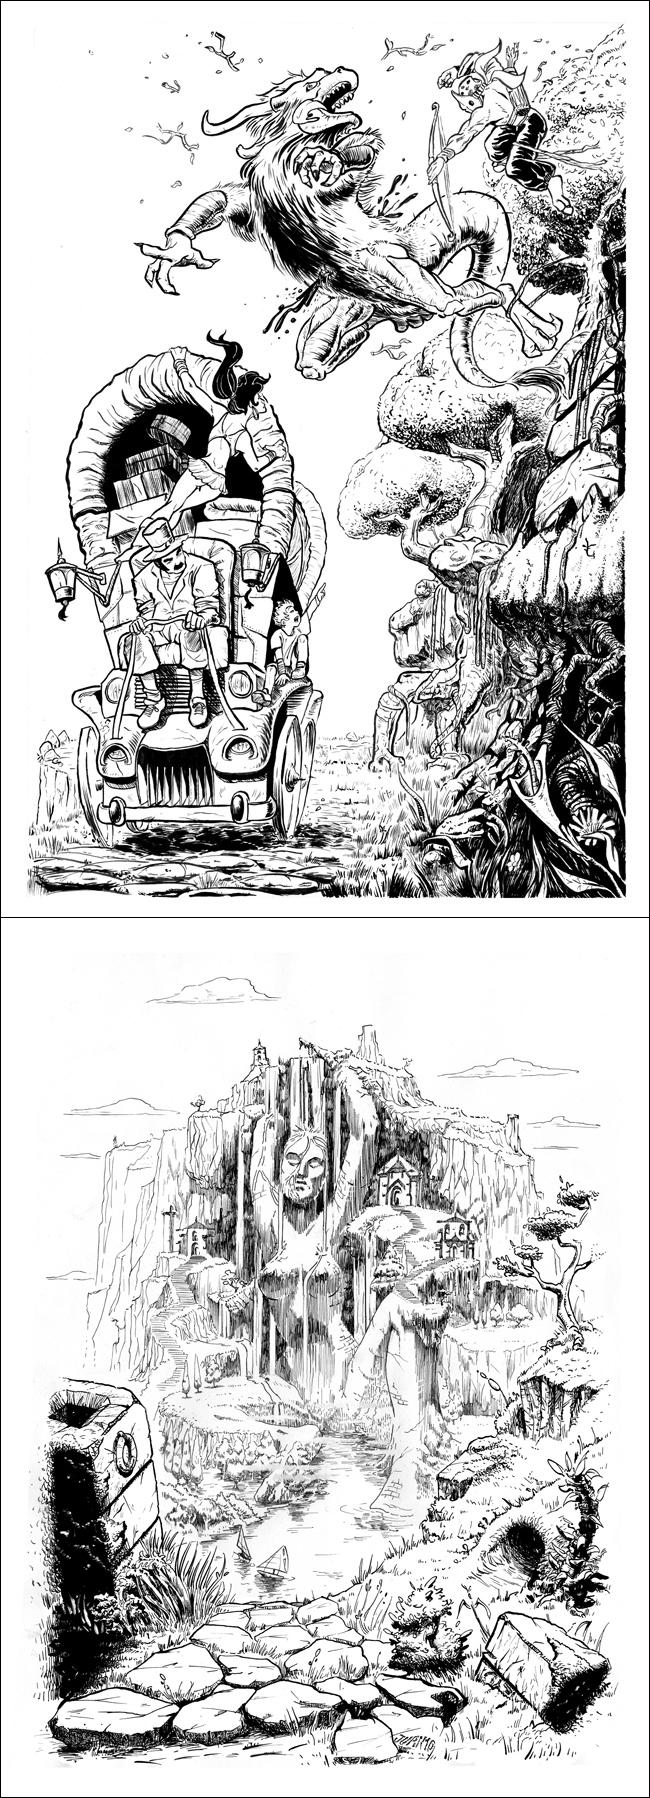 Cursos de comic,ilustracion y entintado. Academia c10. Madrid.